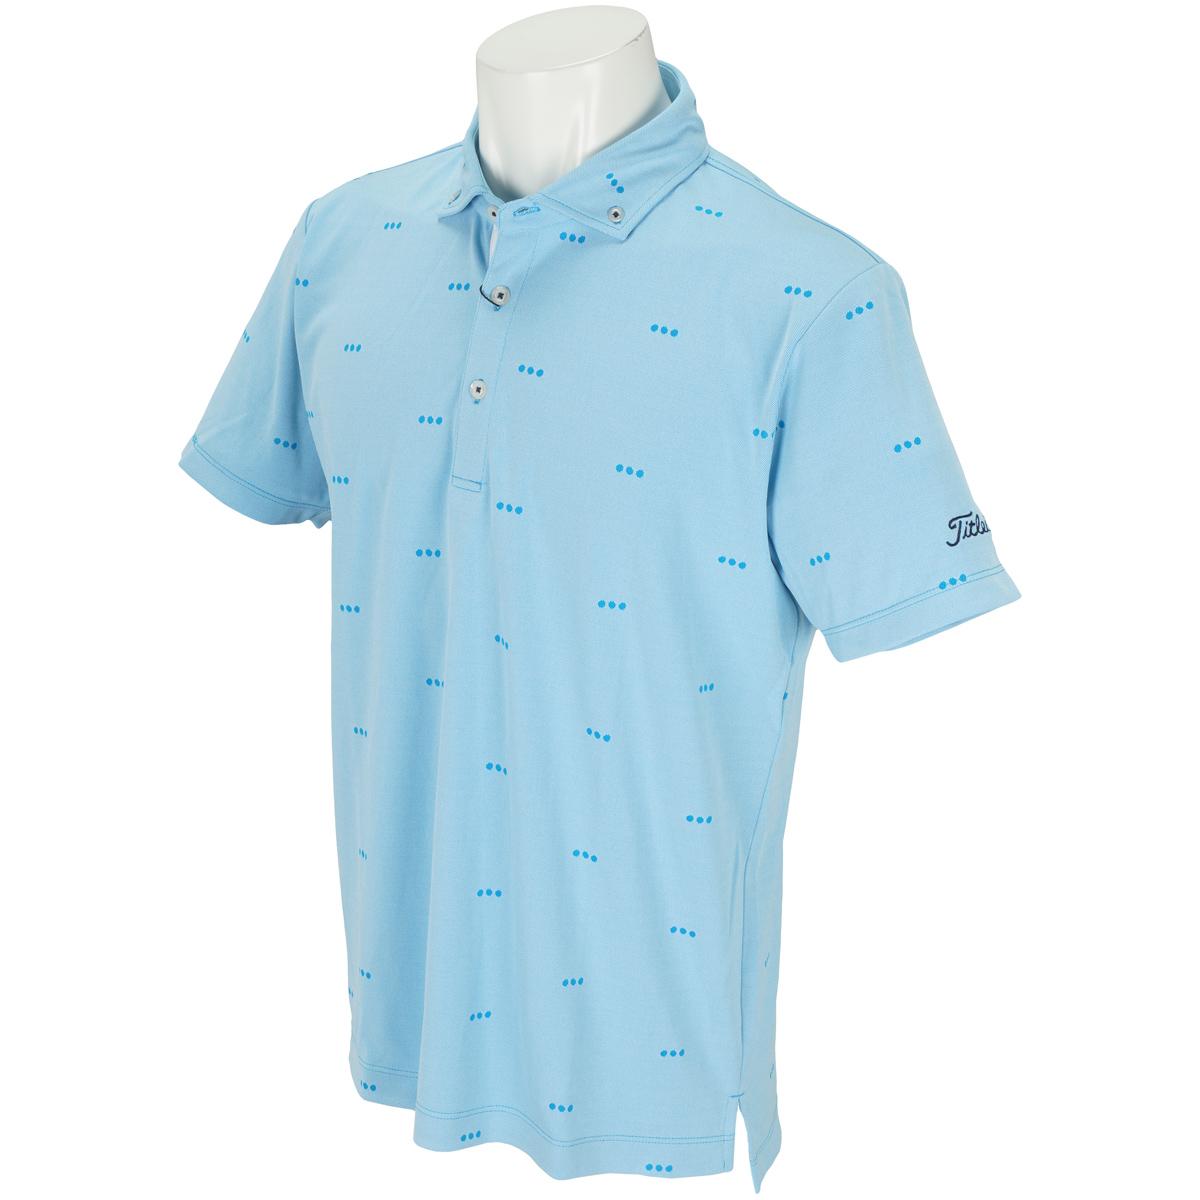 ストレッチドットボタンダウン半袖ポロシャツ